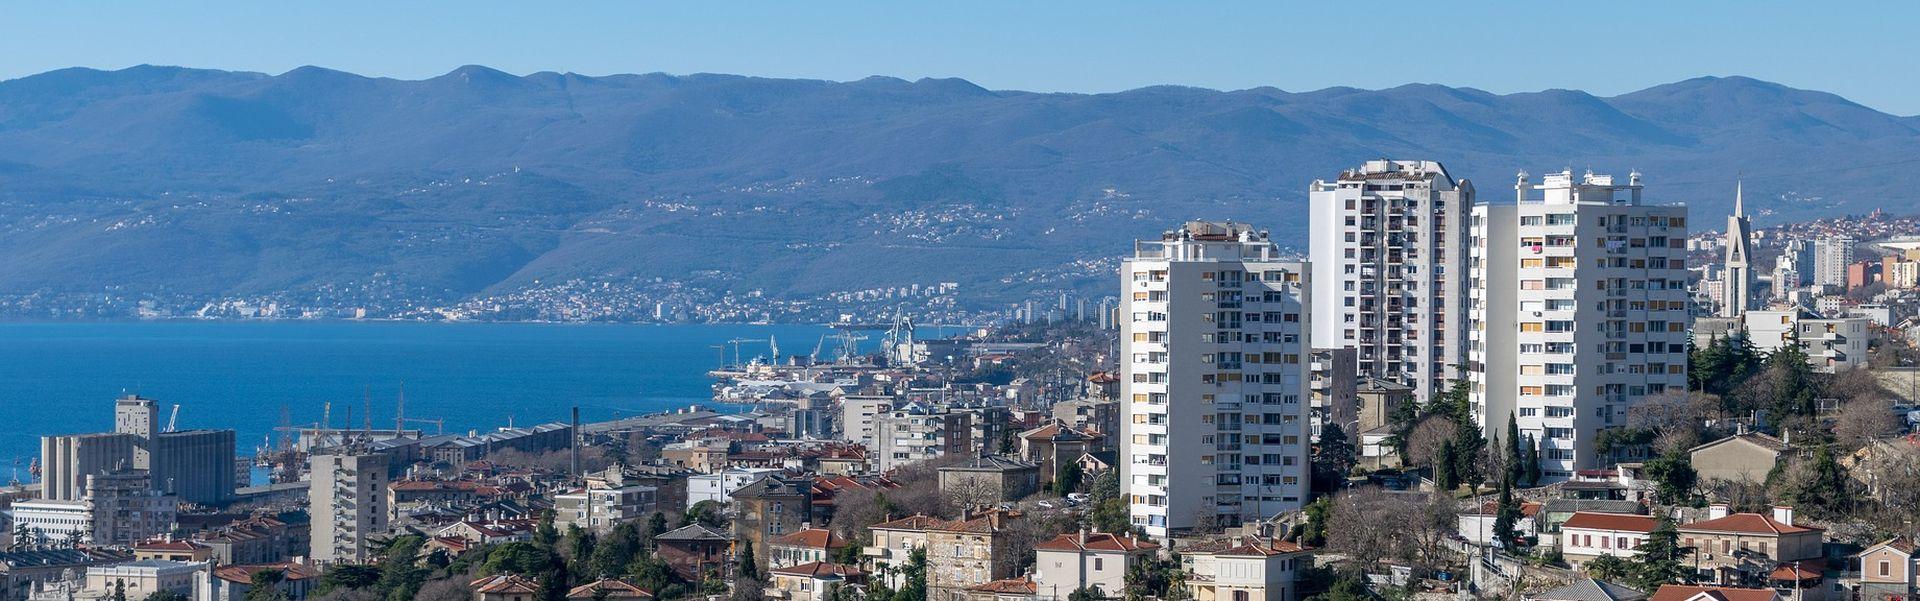 Dogovorena suradnja hrvatskih gradova kandidata za EPK 2020.